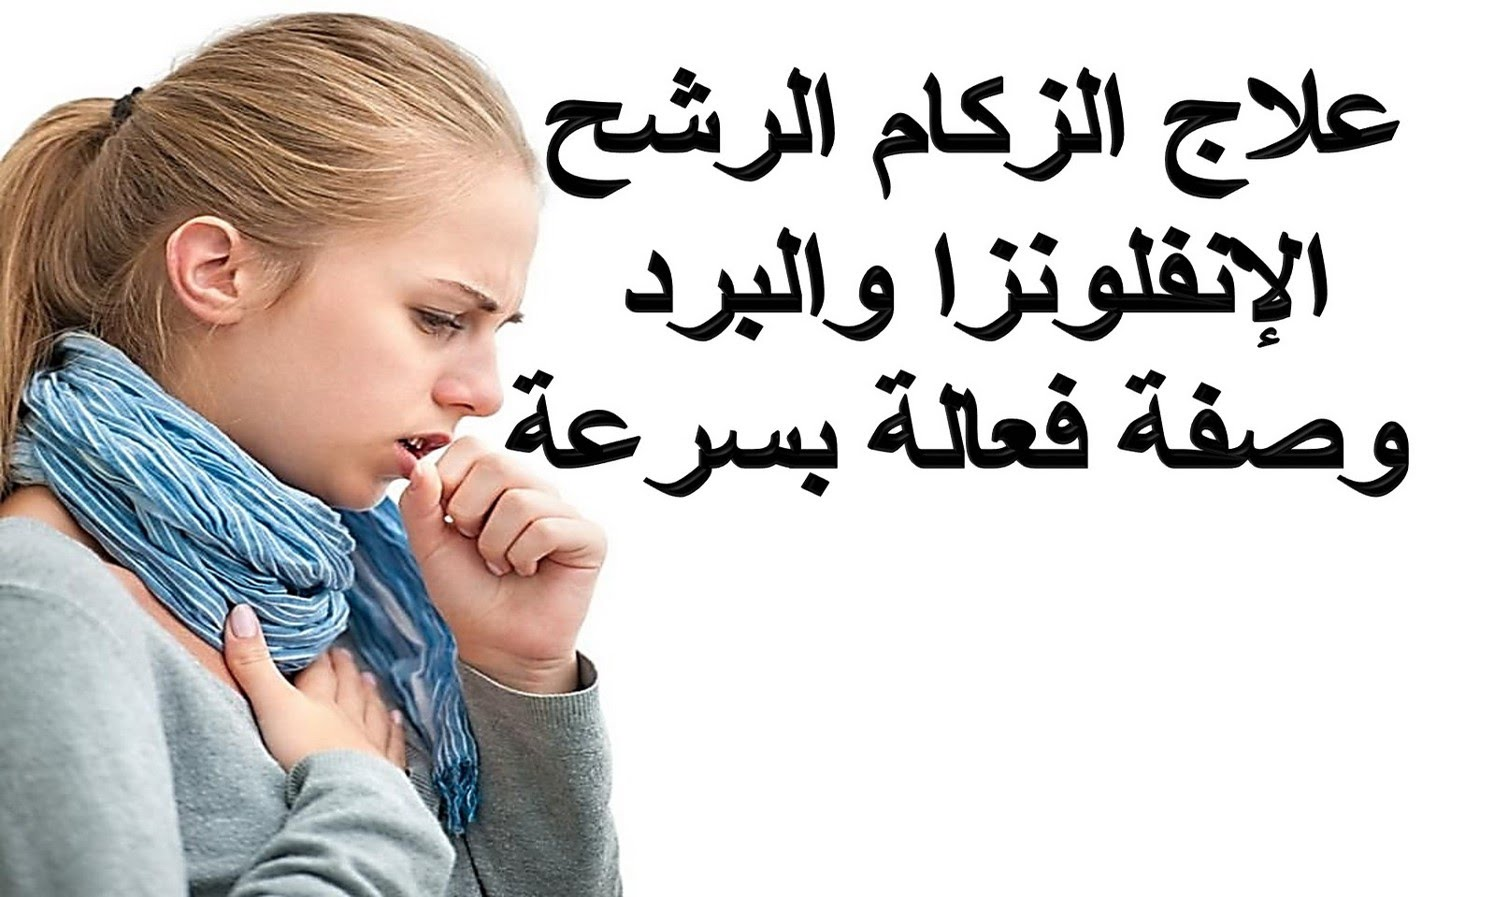 صورة اعراض الزكام , تعرف على مرض الزكام وعلاجه